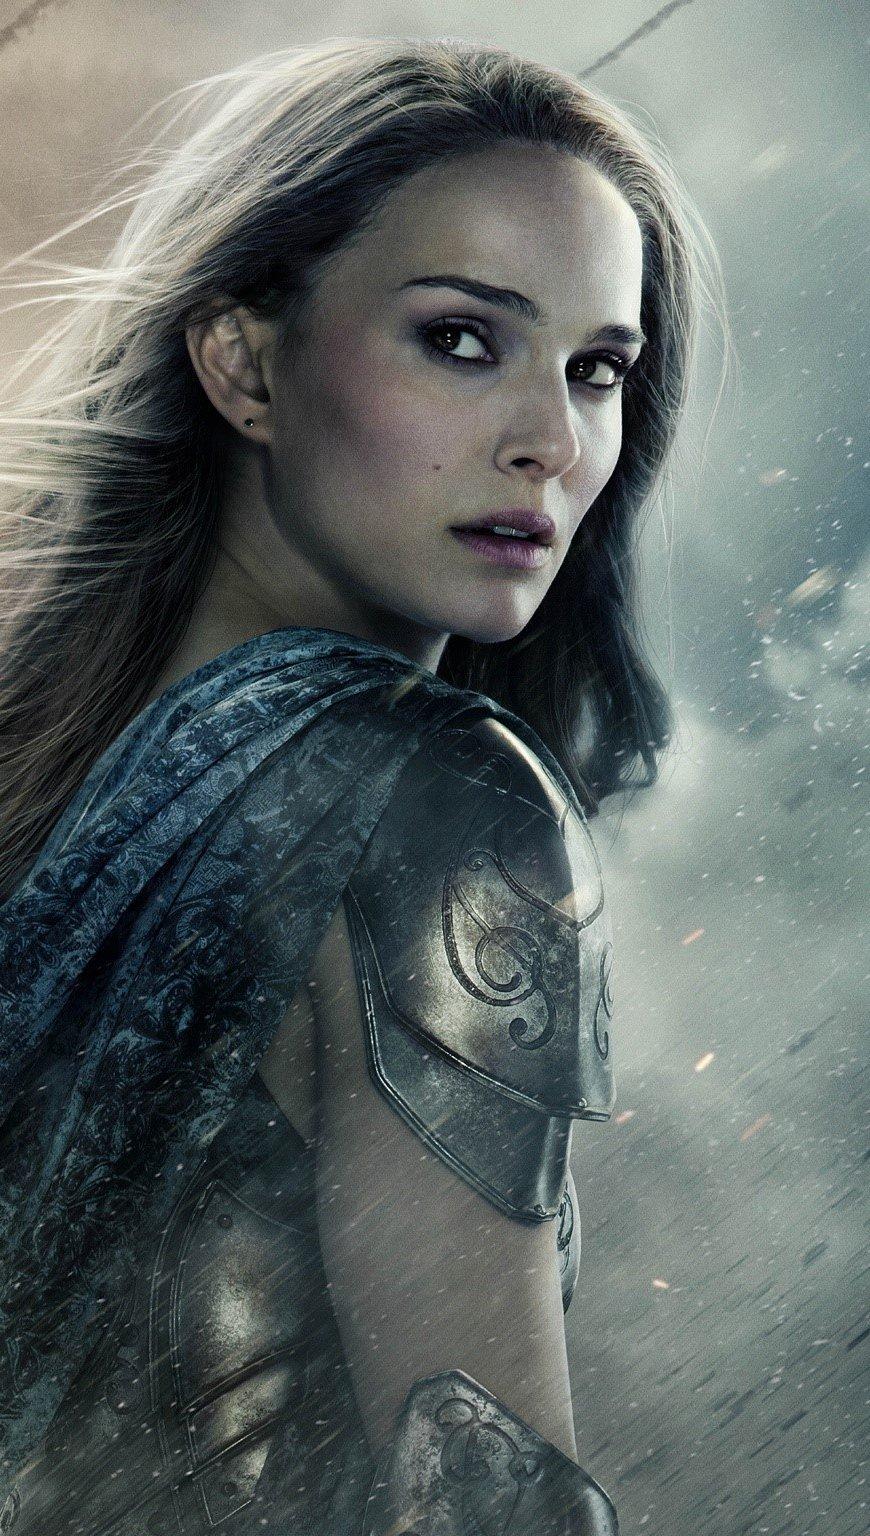 Fondos de pantalla Natalie Portman en Thor 2 Vertical